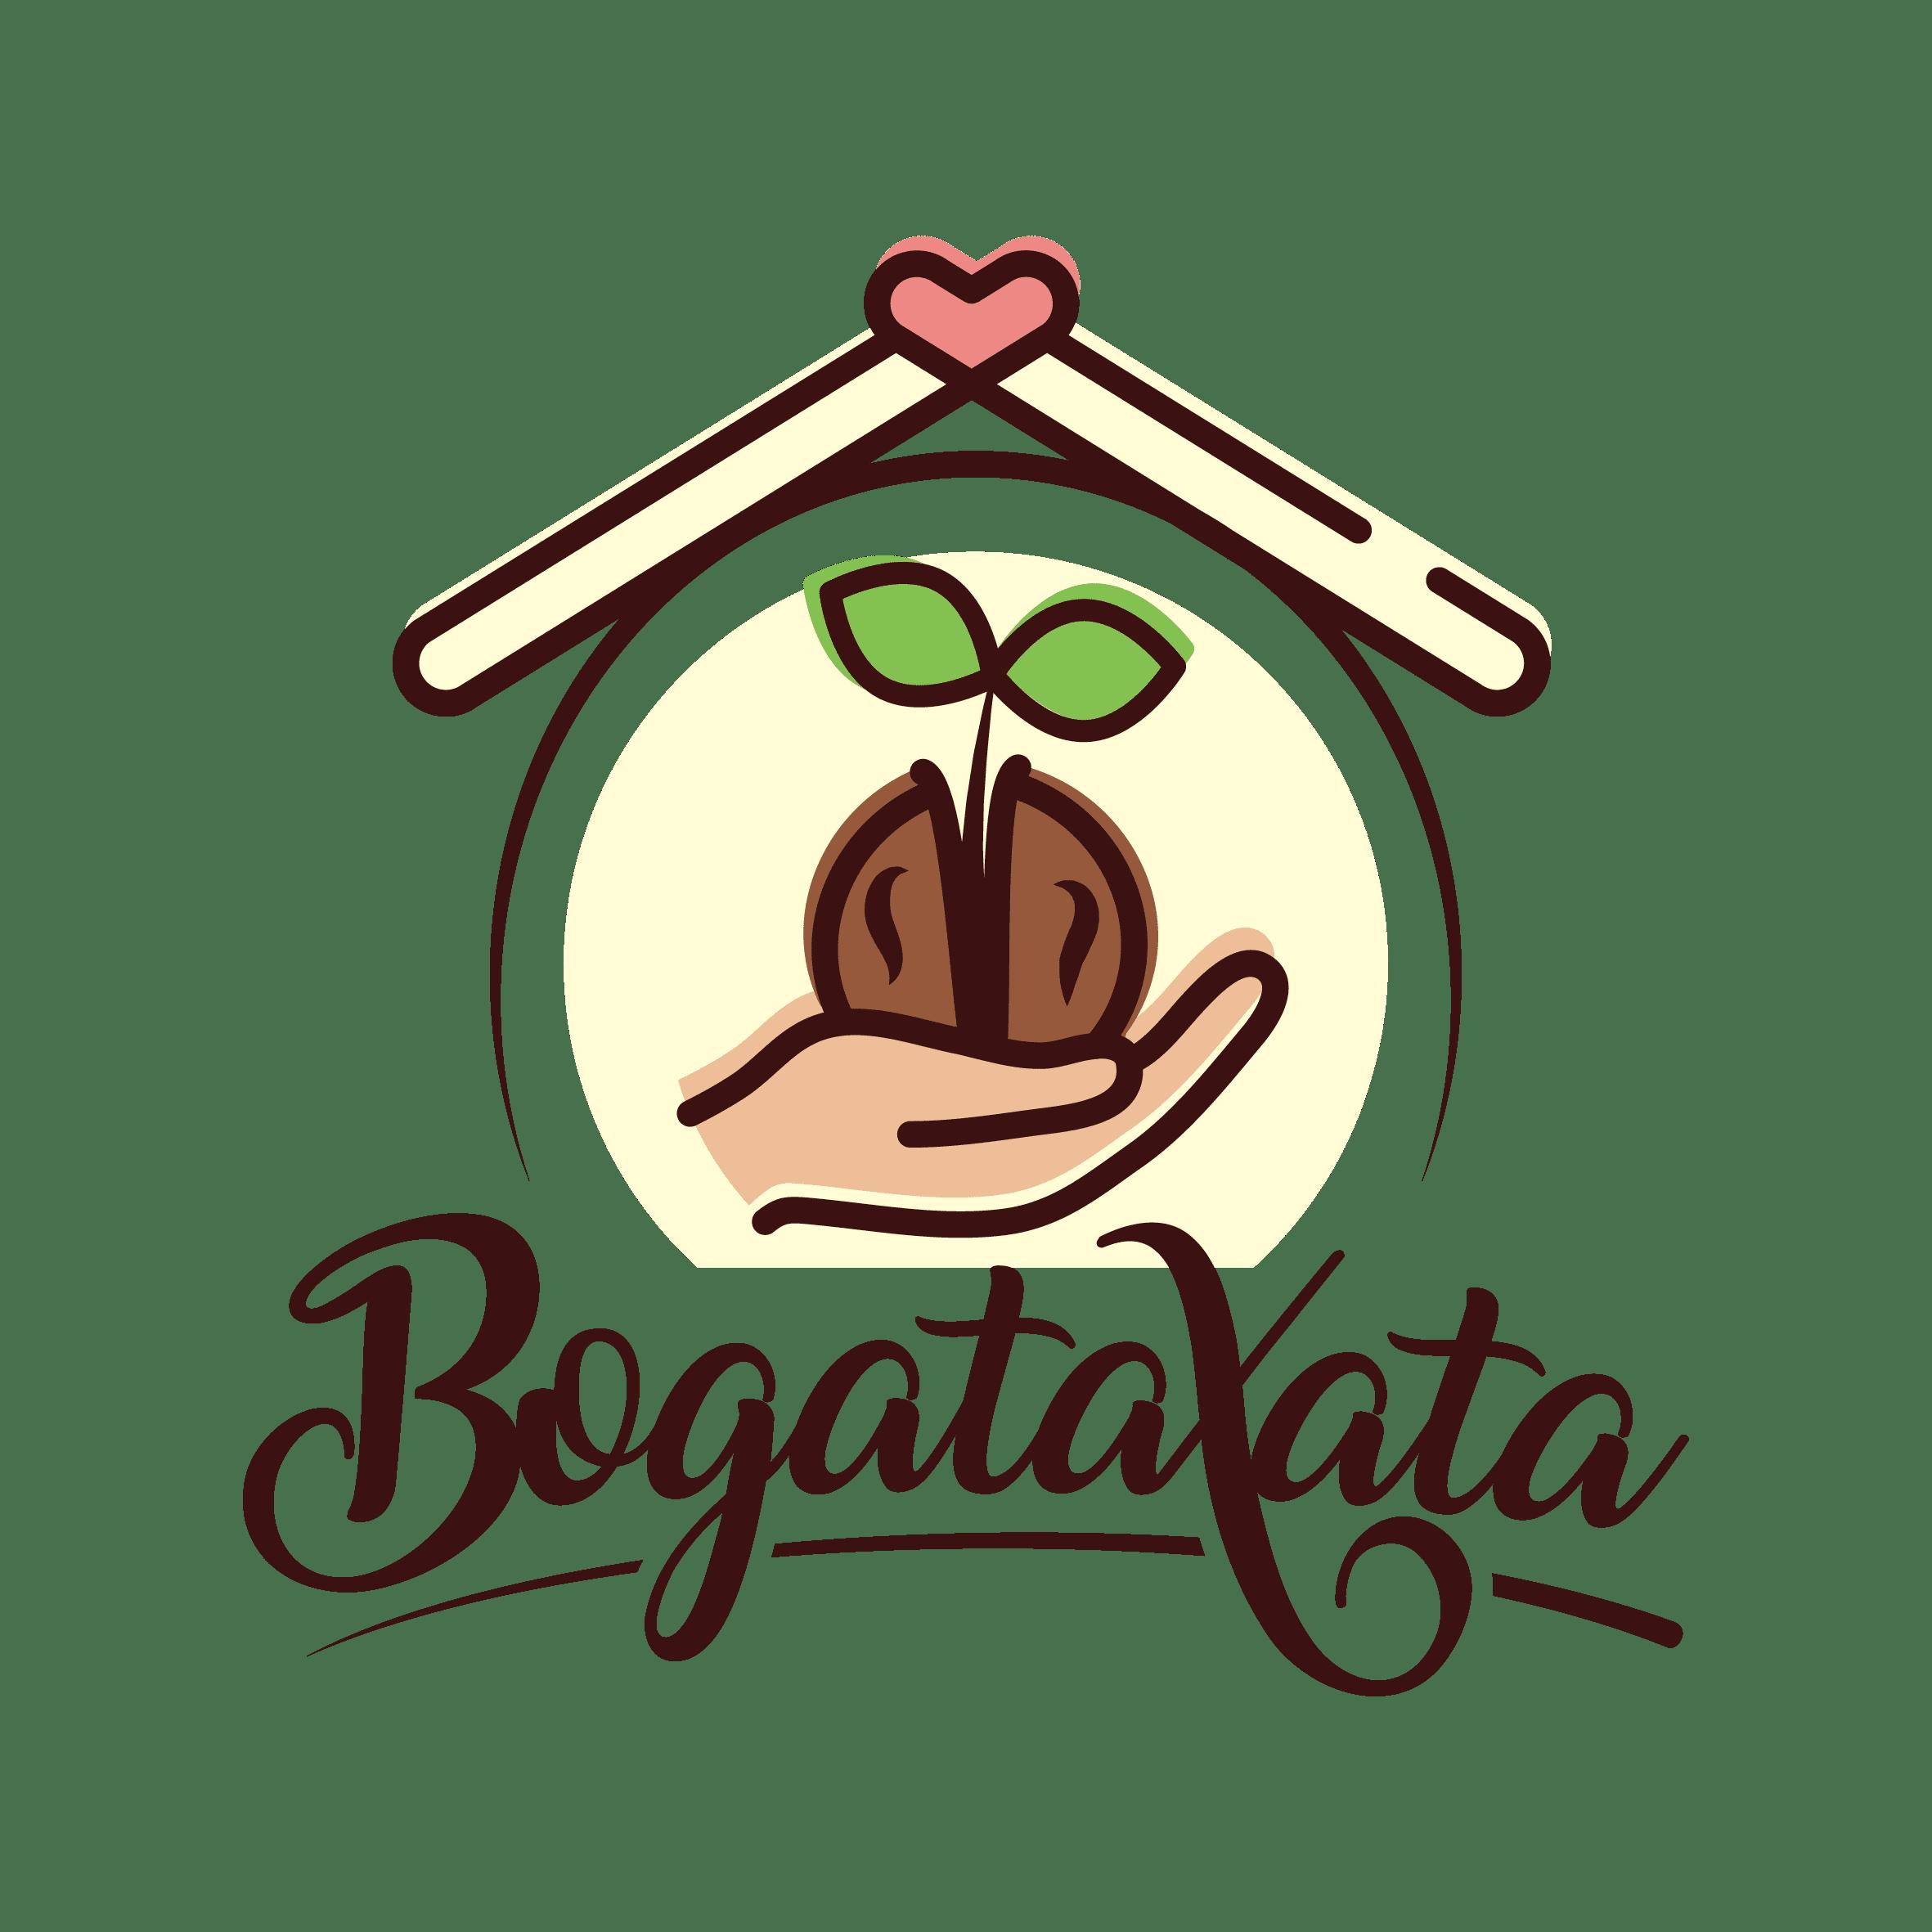 bogataxata.com